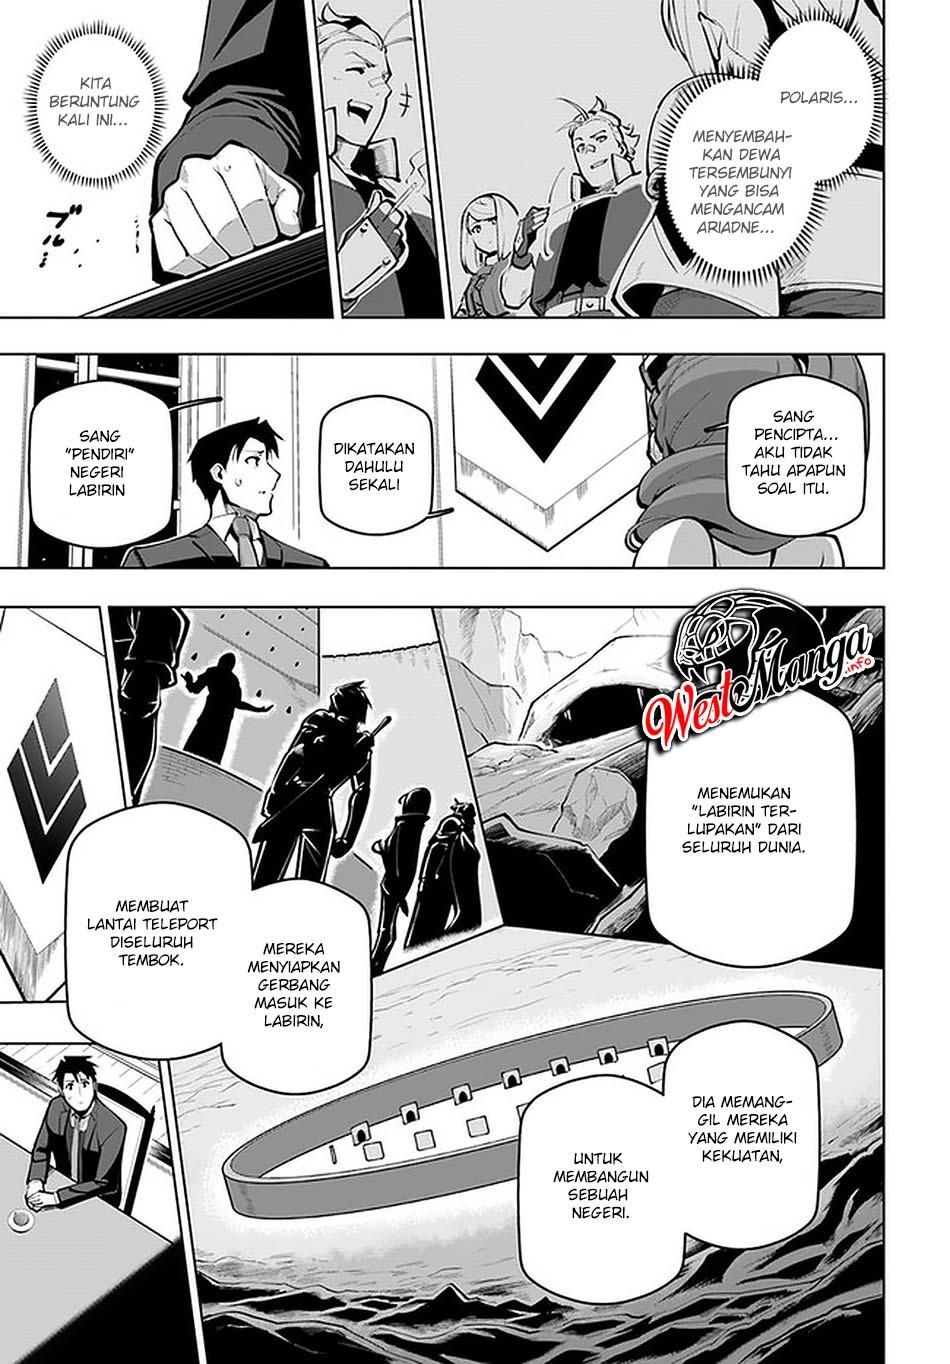 Sekai Saikyou no Kouei: Meikyuukoku no Shinjin Tansakusha: Chapter 18.2 - Page 7